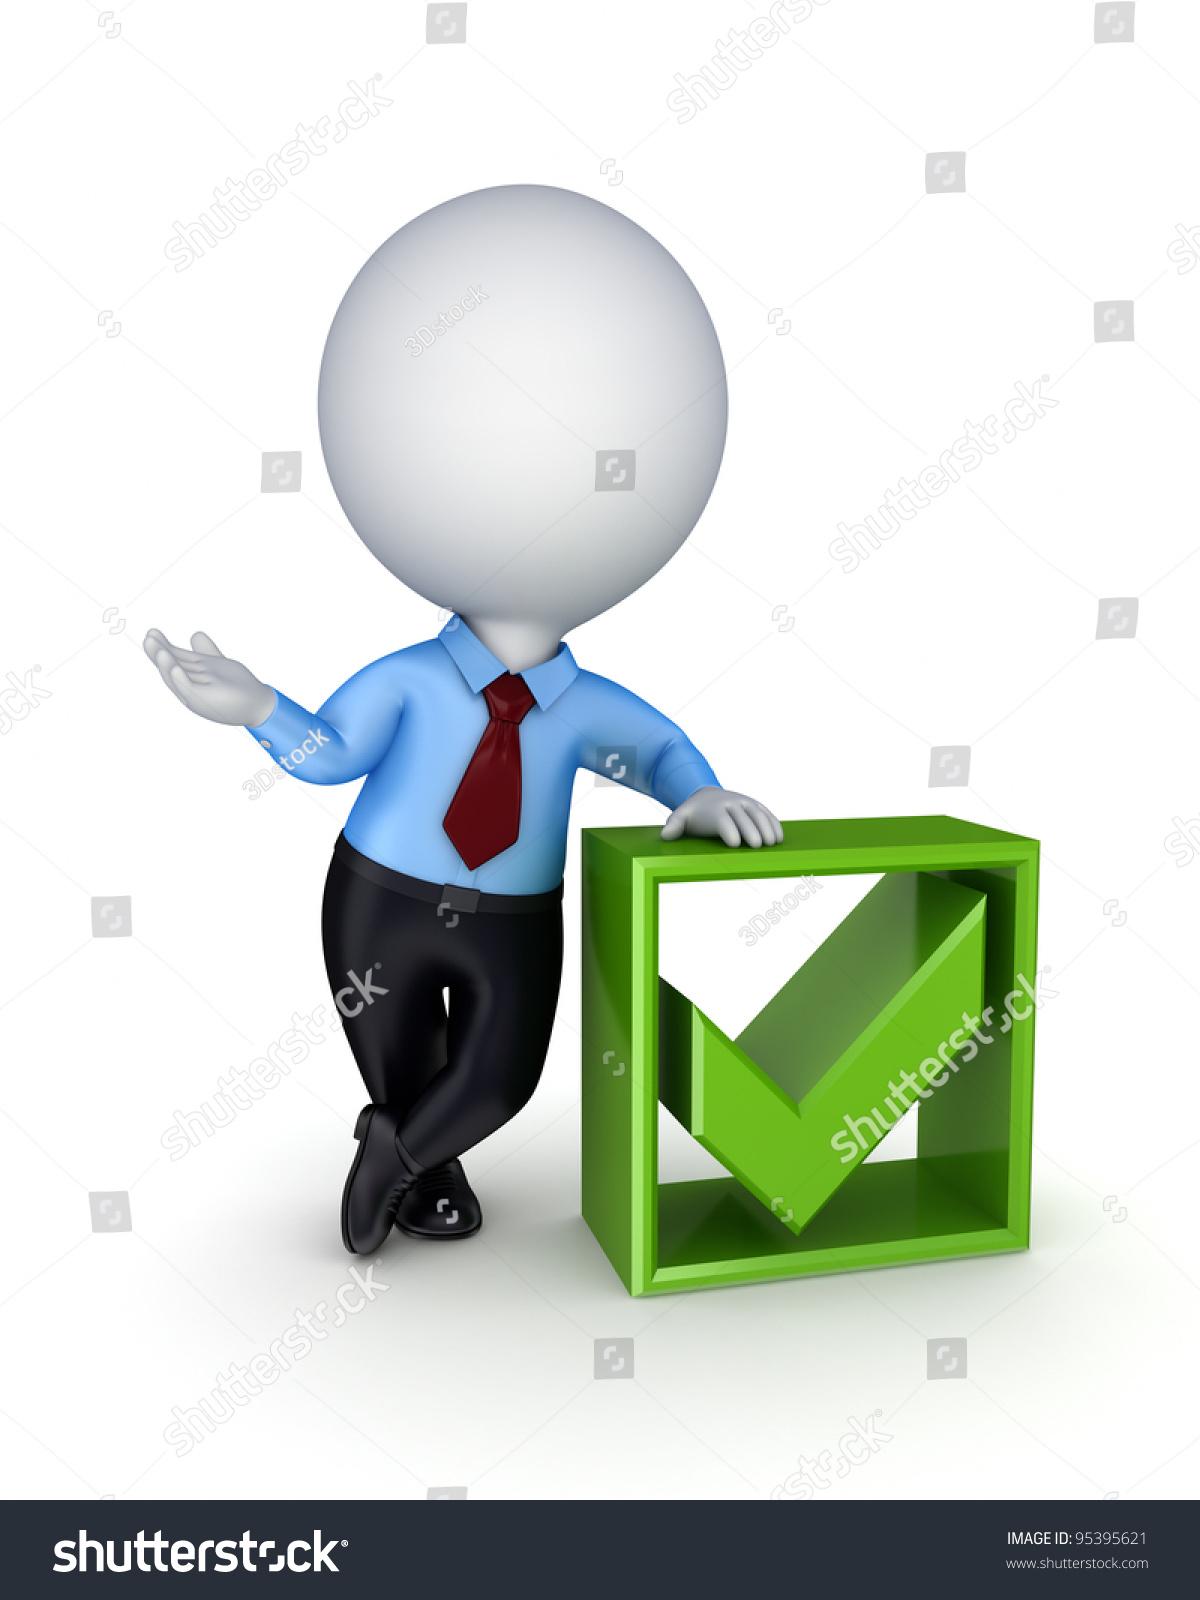 三维小人物和绿色的勾号标记.白色背景的孤立.-商业